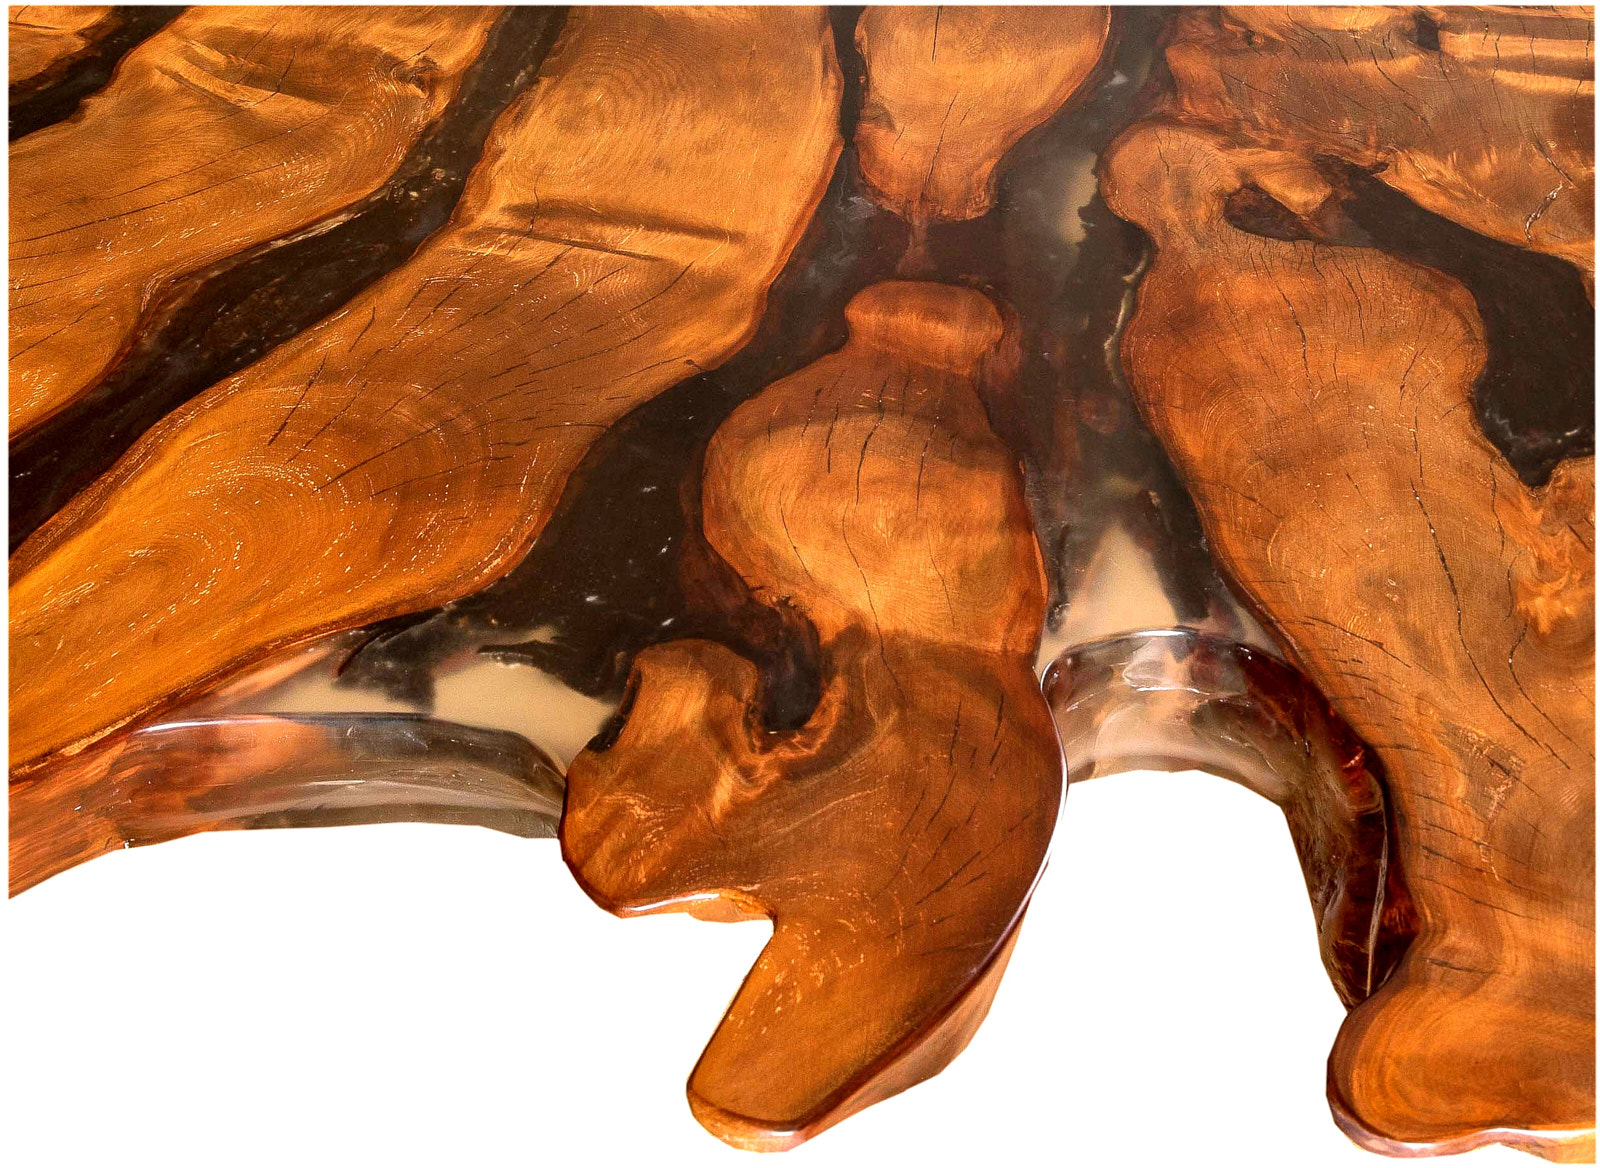 Großer Holztisch mit kunstvollem Naturwuchs und riesiger Kauri Tischplatte an einem Stück eines Luxus Konferenztisches